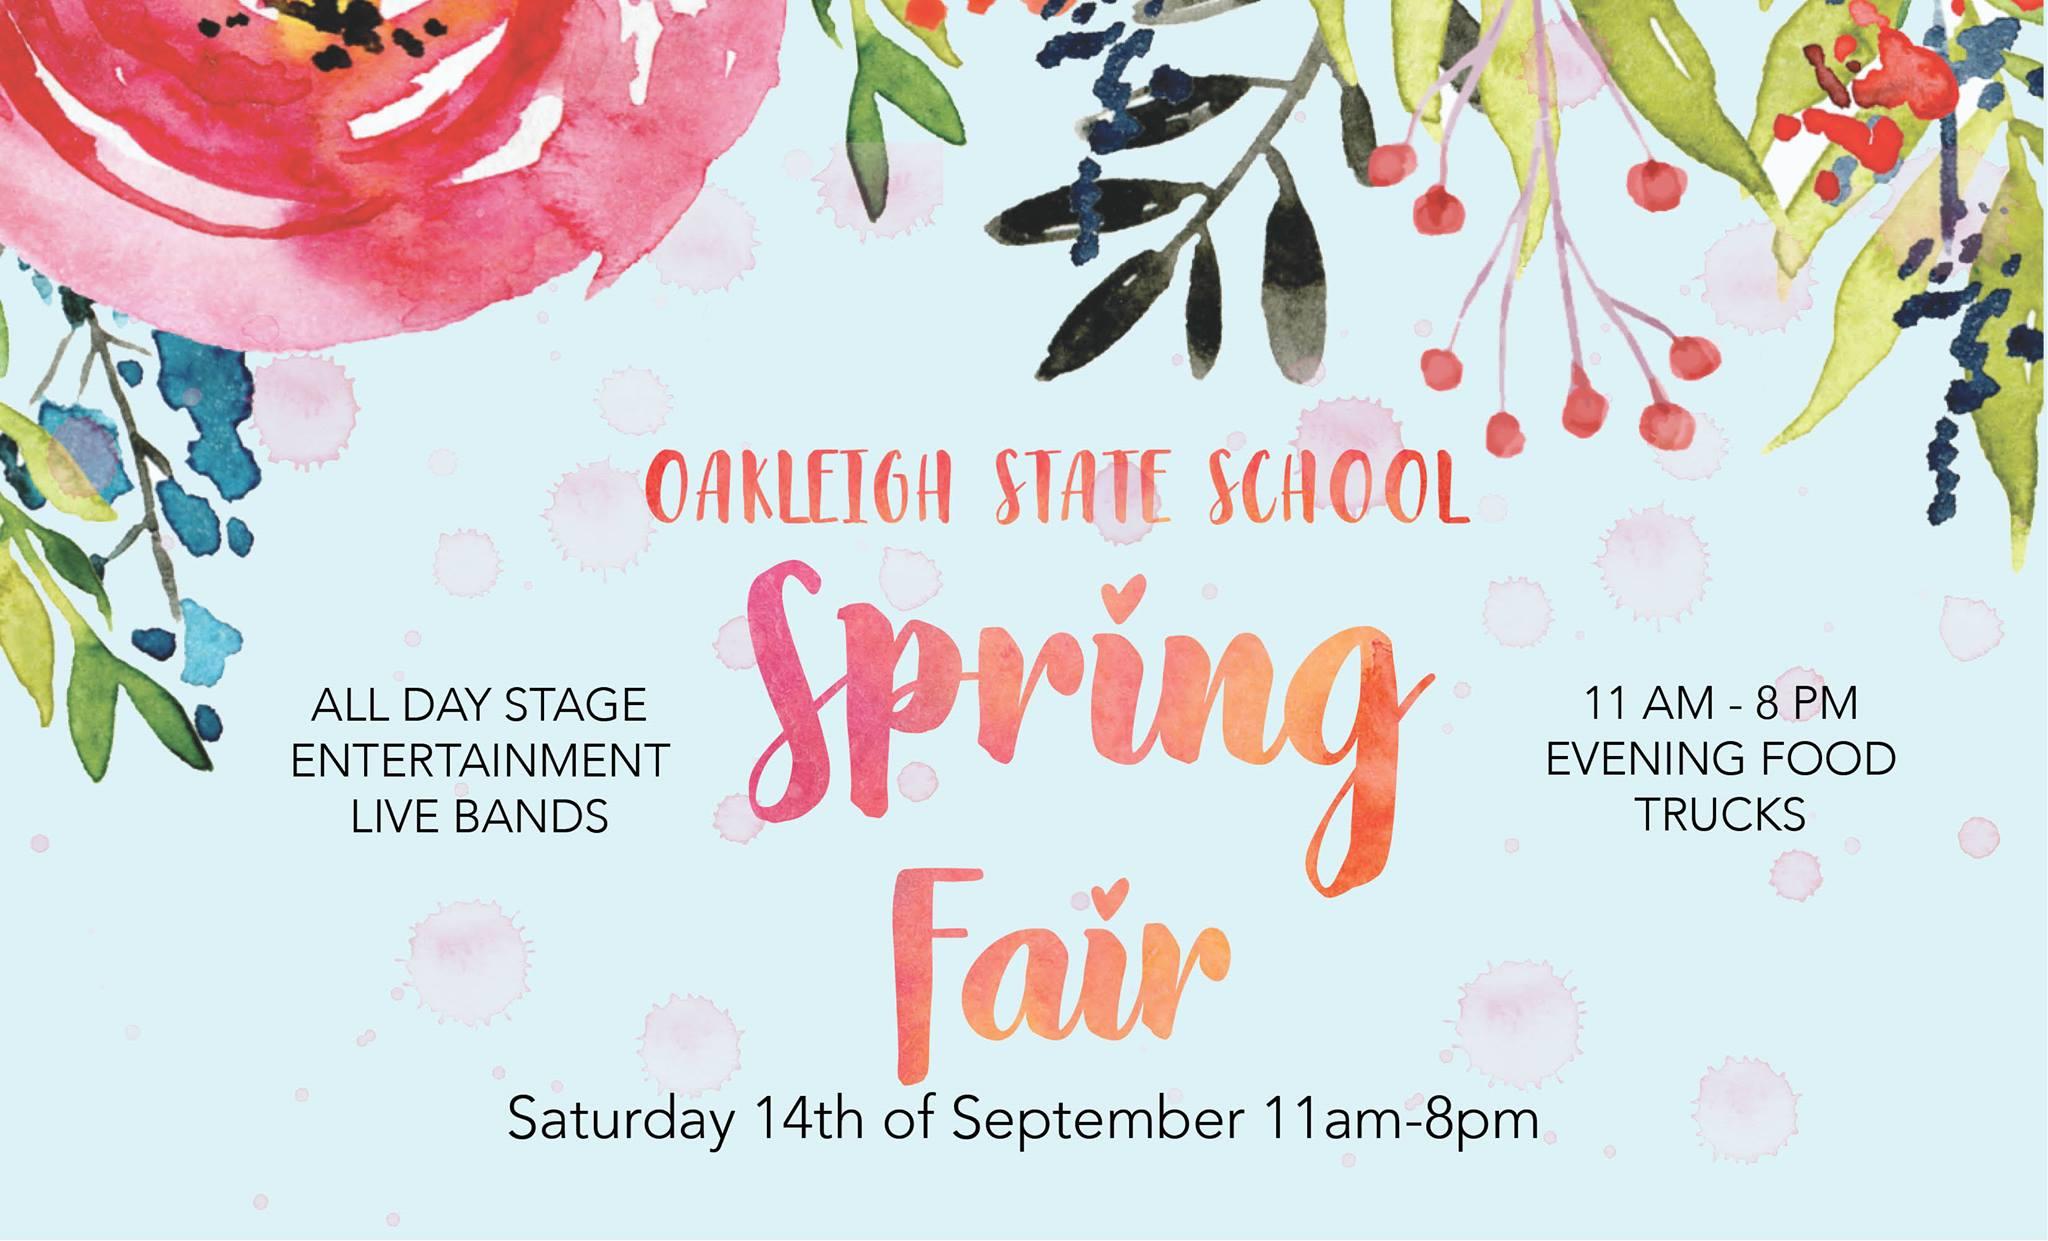 Oakleigh State School Spring Fair | Brisbane Kids